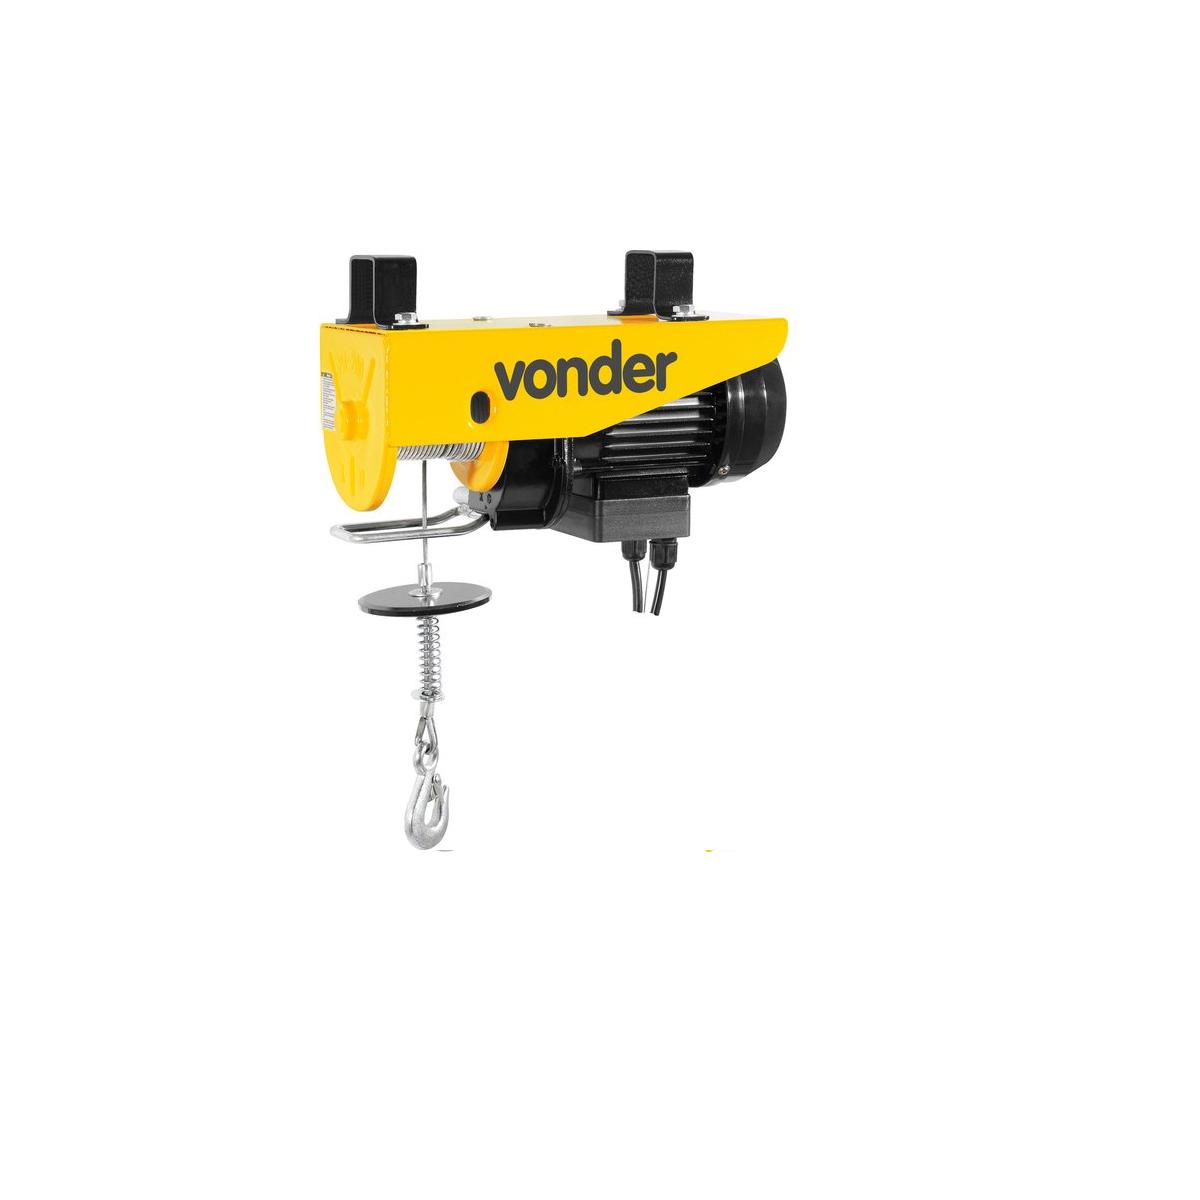 Guincho elétrico para 0,1 tonelada(0,1 tf)/0,2 tonelada(0,2 tf) GEV 200 220V VONDER